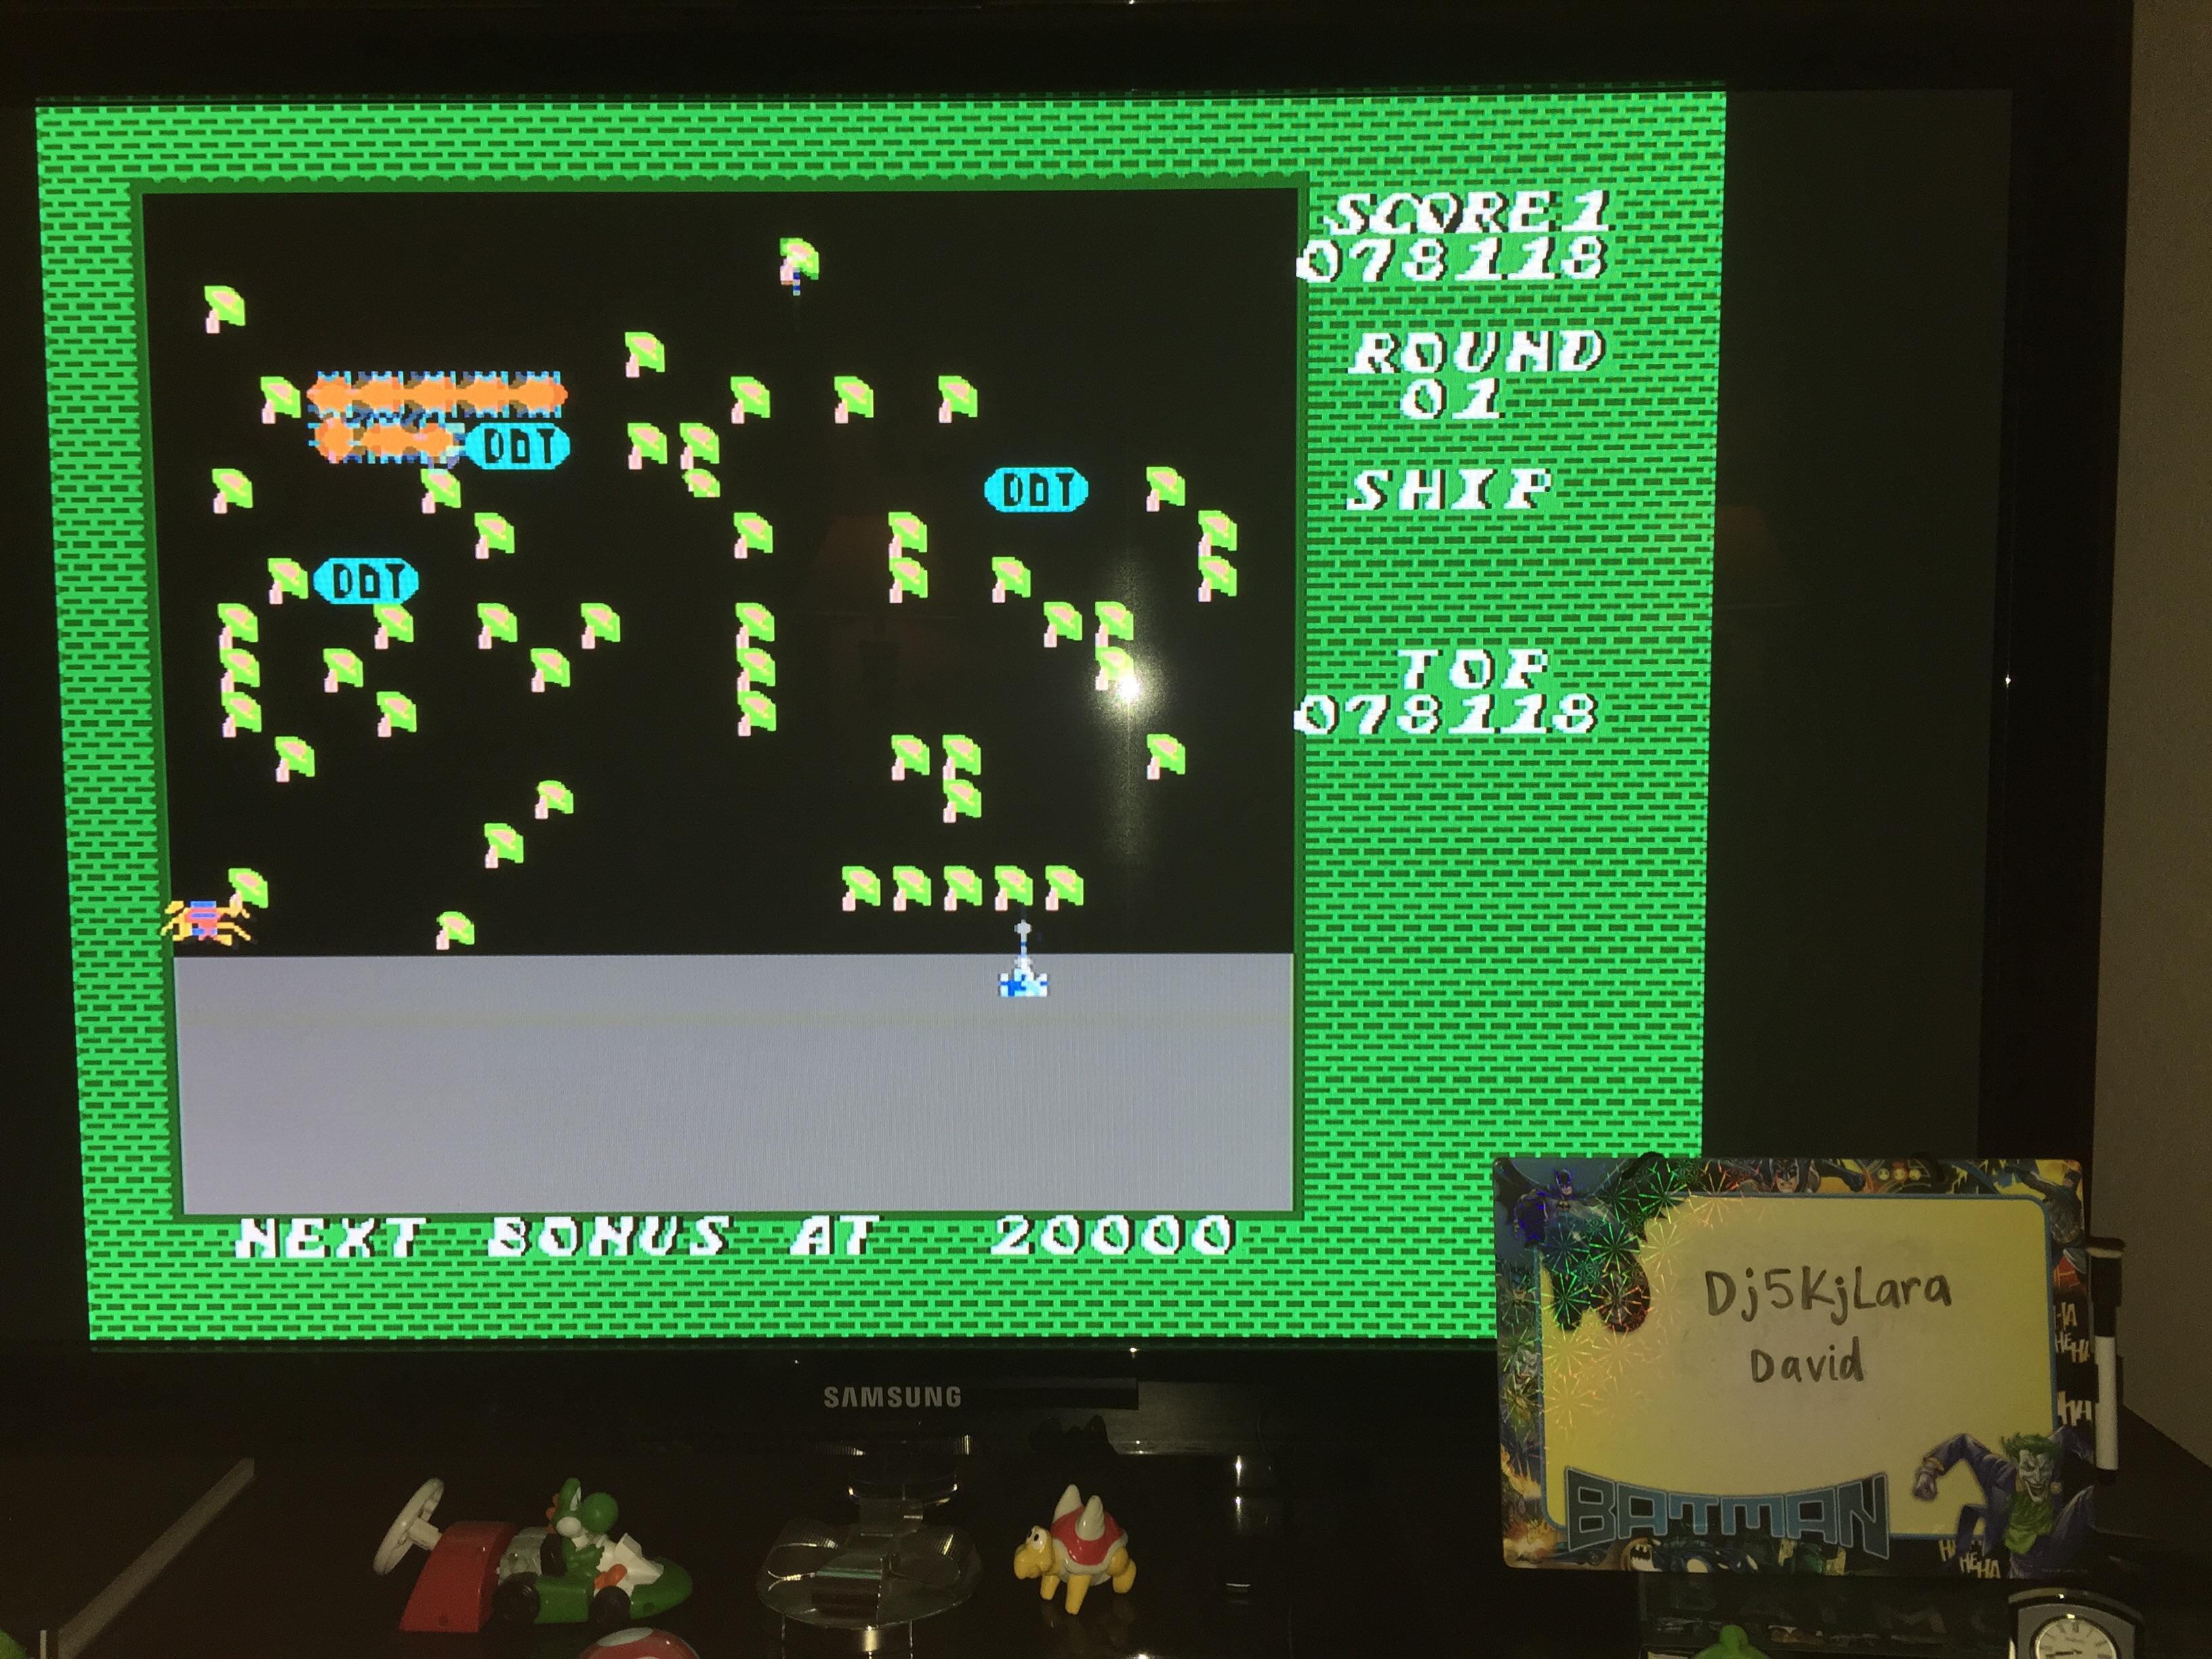 dj5kjlara: Millipede (NES/Famicom Emulated) 78,118 points on 2014-10-25 21:01:52